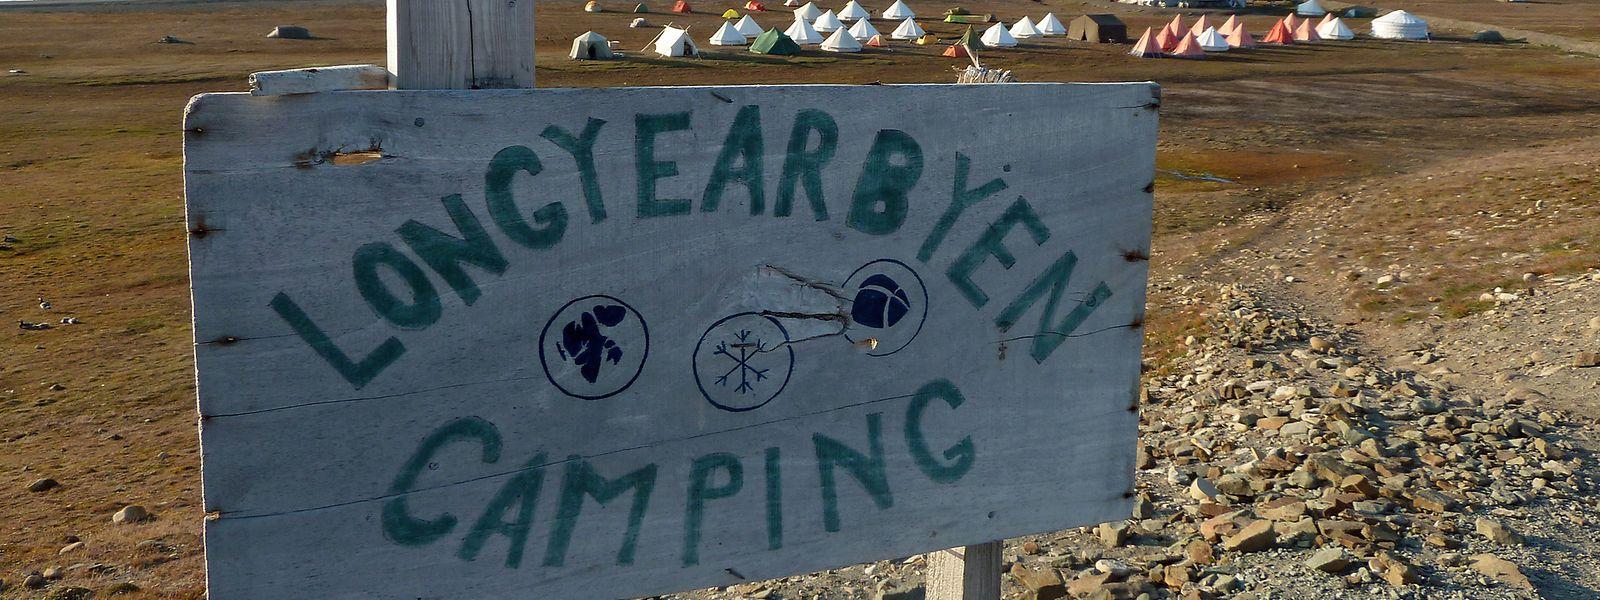 Auf dem nördlichsten Campingplatz der Welt müssen sich die Urlauber auch im Sommer warm einpacken: Selbst im Juni, Juli und August sind die Temperaturen nur selten zweistellig.